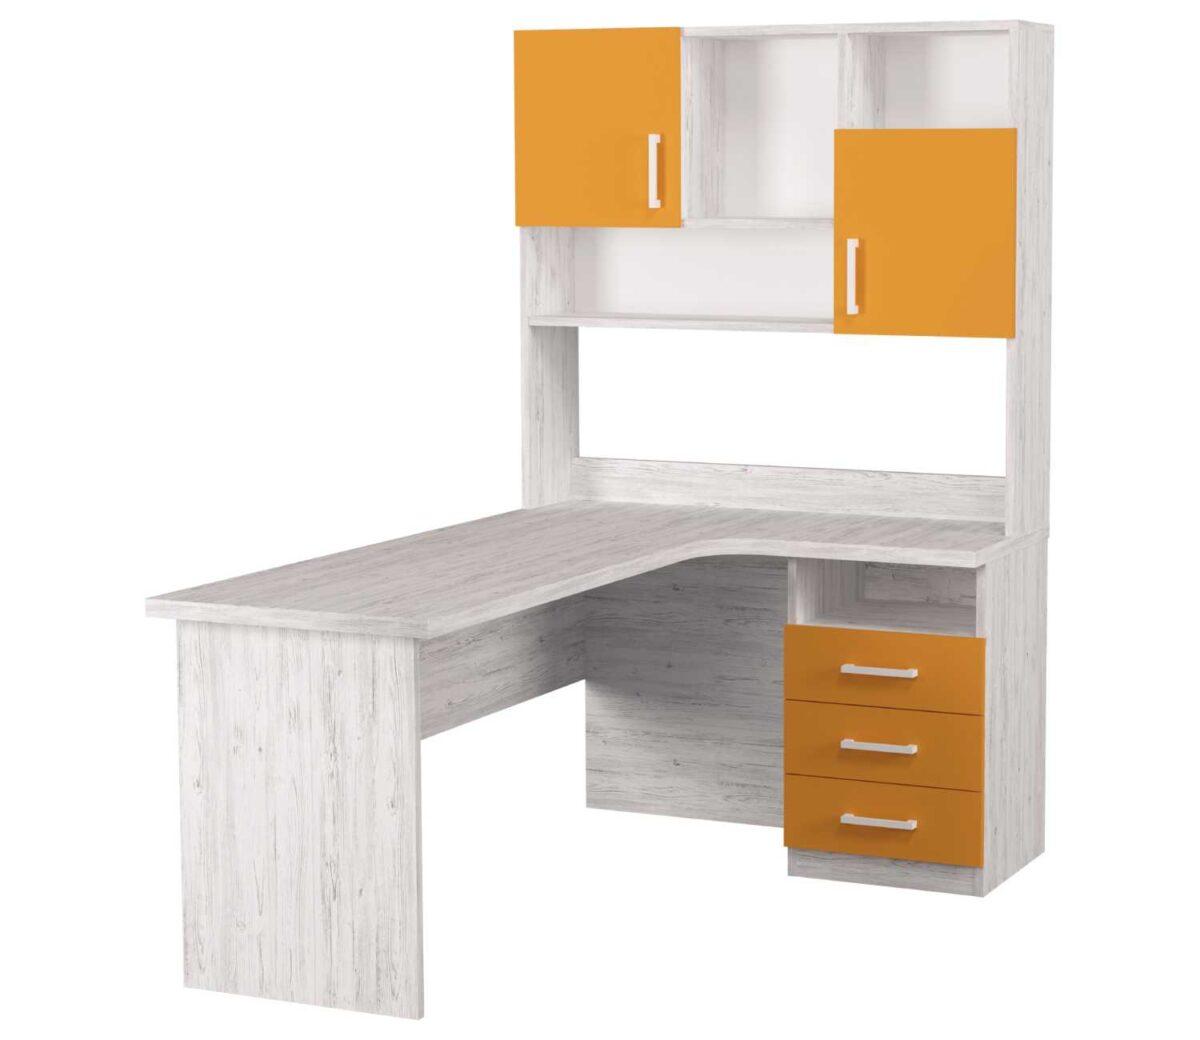 угловой детский стол с надстройкой оранж с 3 ящиками и 2 дверками